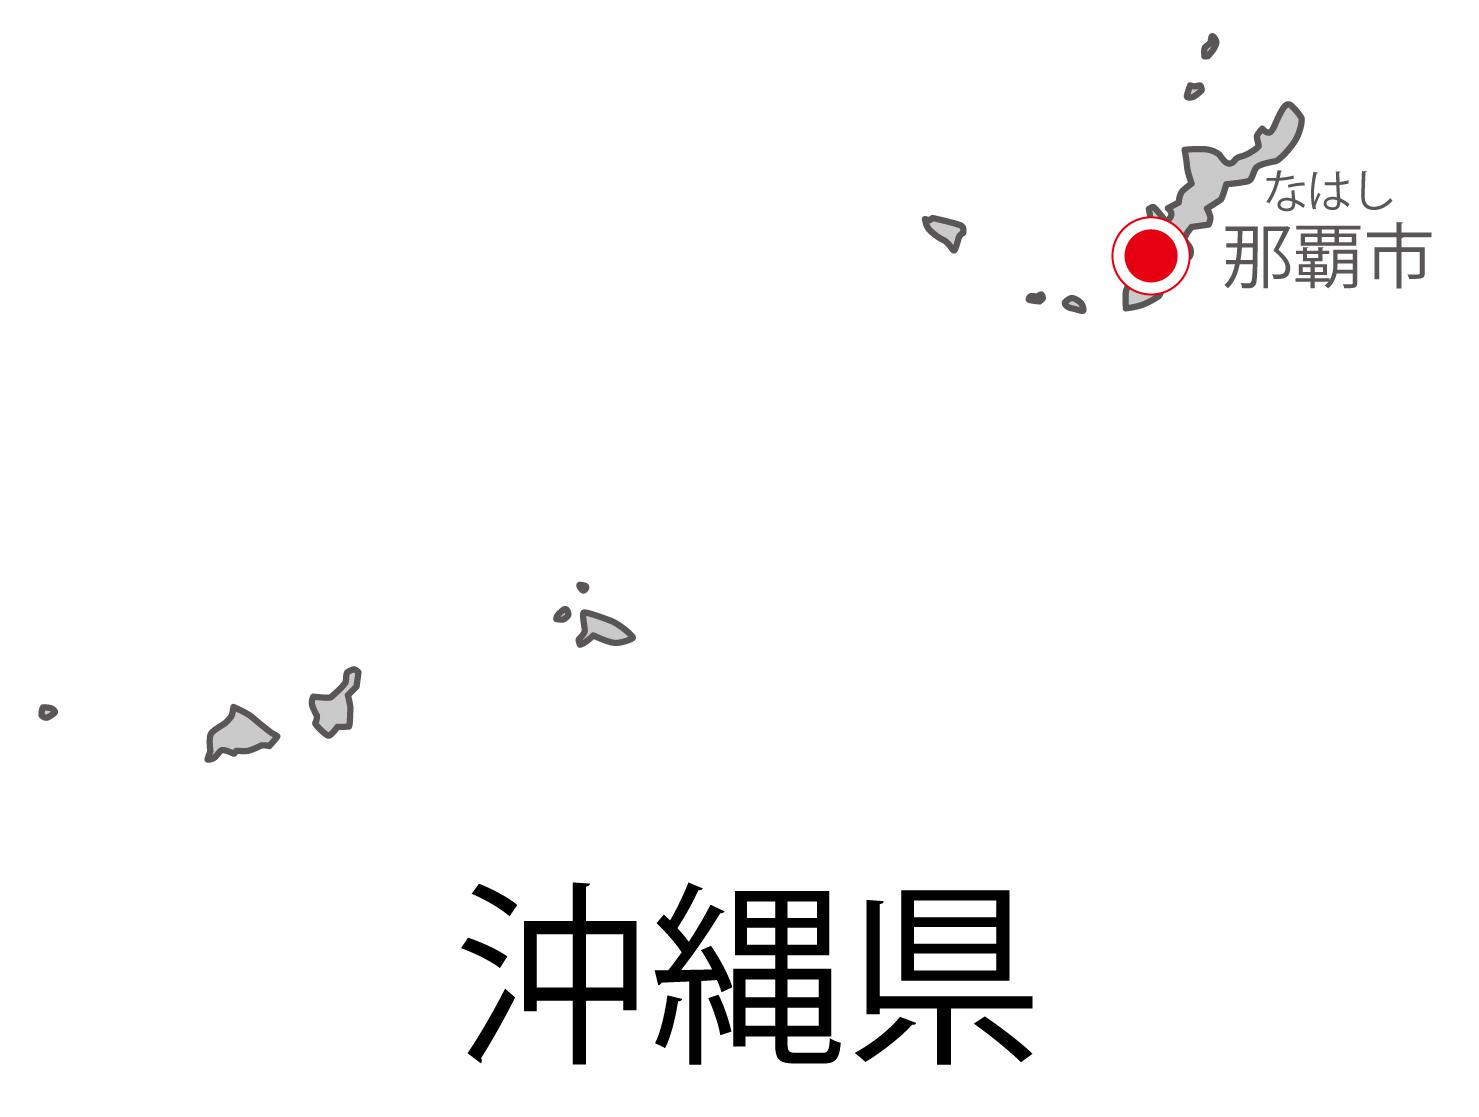 沖縄県無料フリーイラスト|日本語・都道府県名あり・県庁所在地あり・ルビあり(グレー)